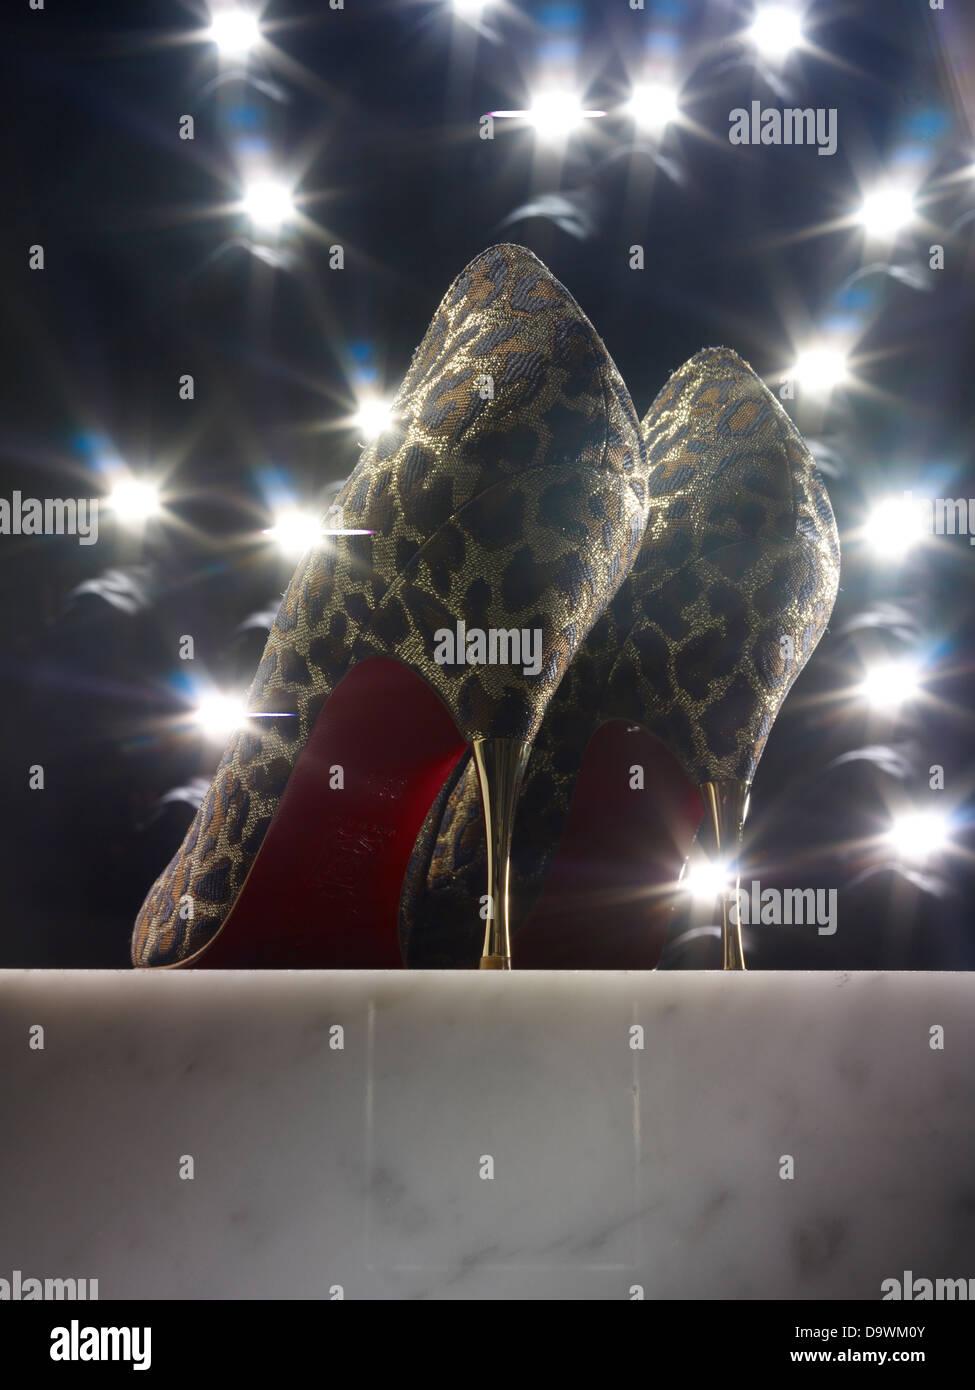 zapatos de tacón altos Imagen De Stock